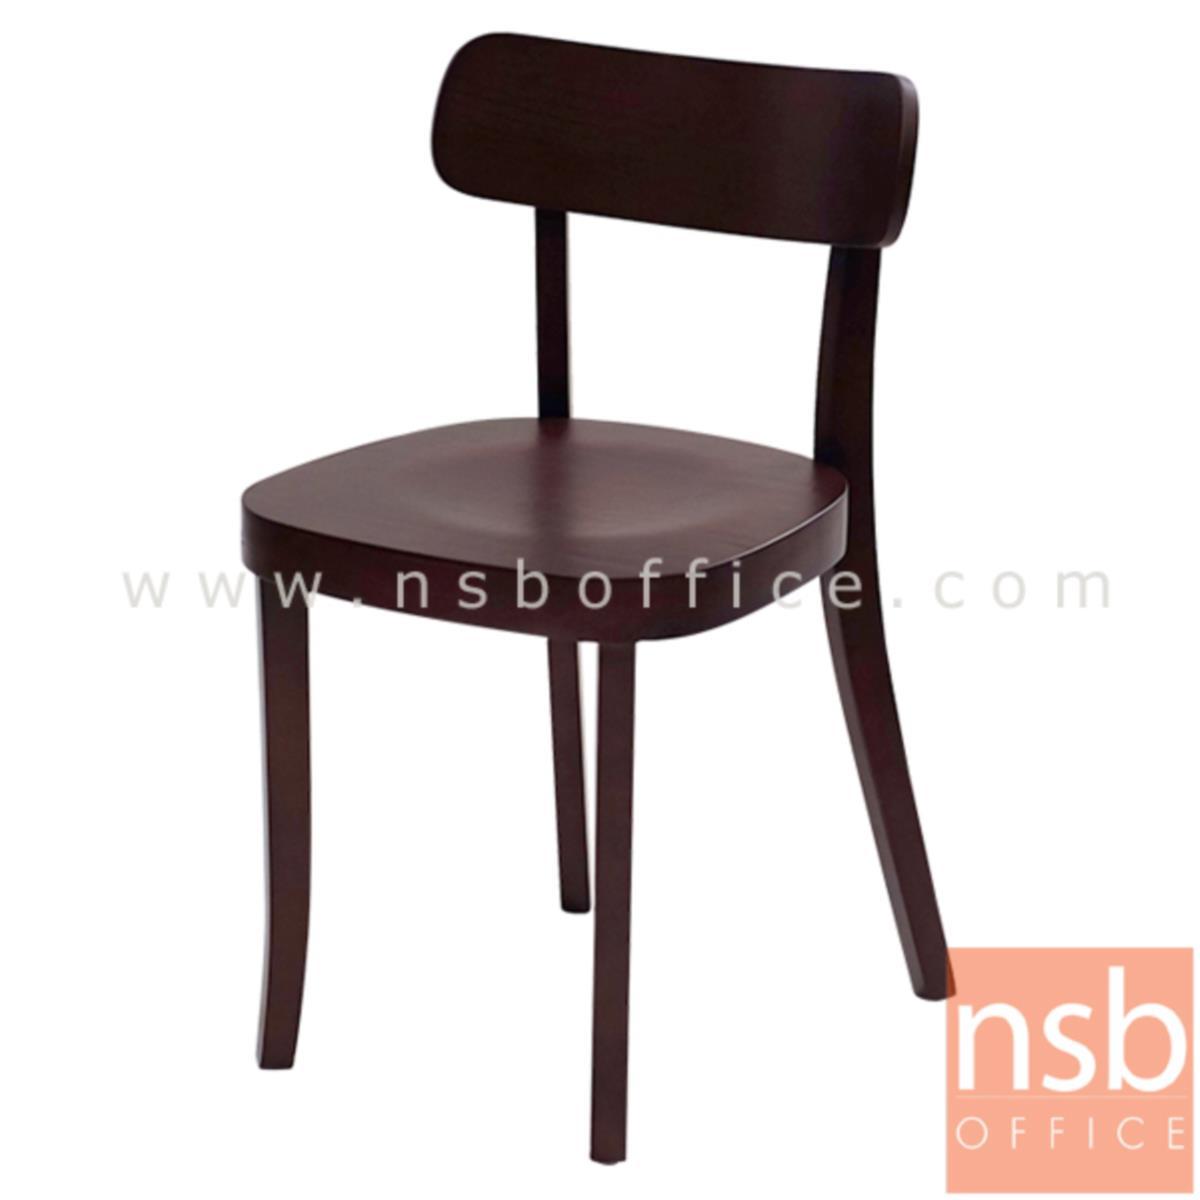 B29A257:เก้าอี้โมเดิร์นไม้ รุ่น NP-2173-WD ขนาด 37W cm. โครงขาไม้